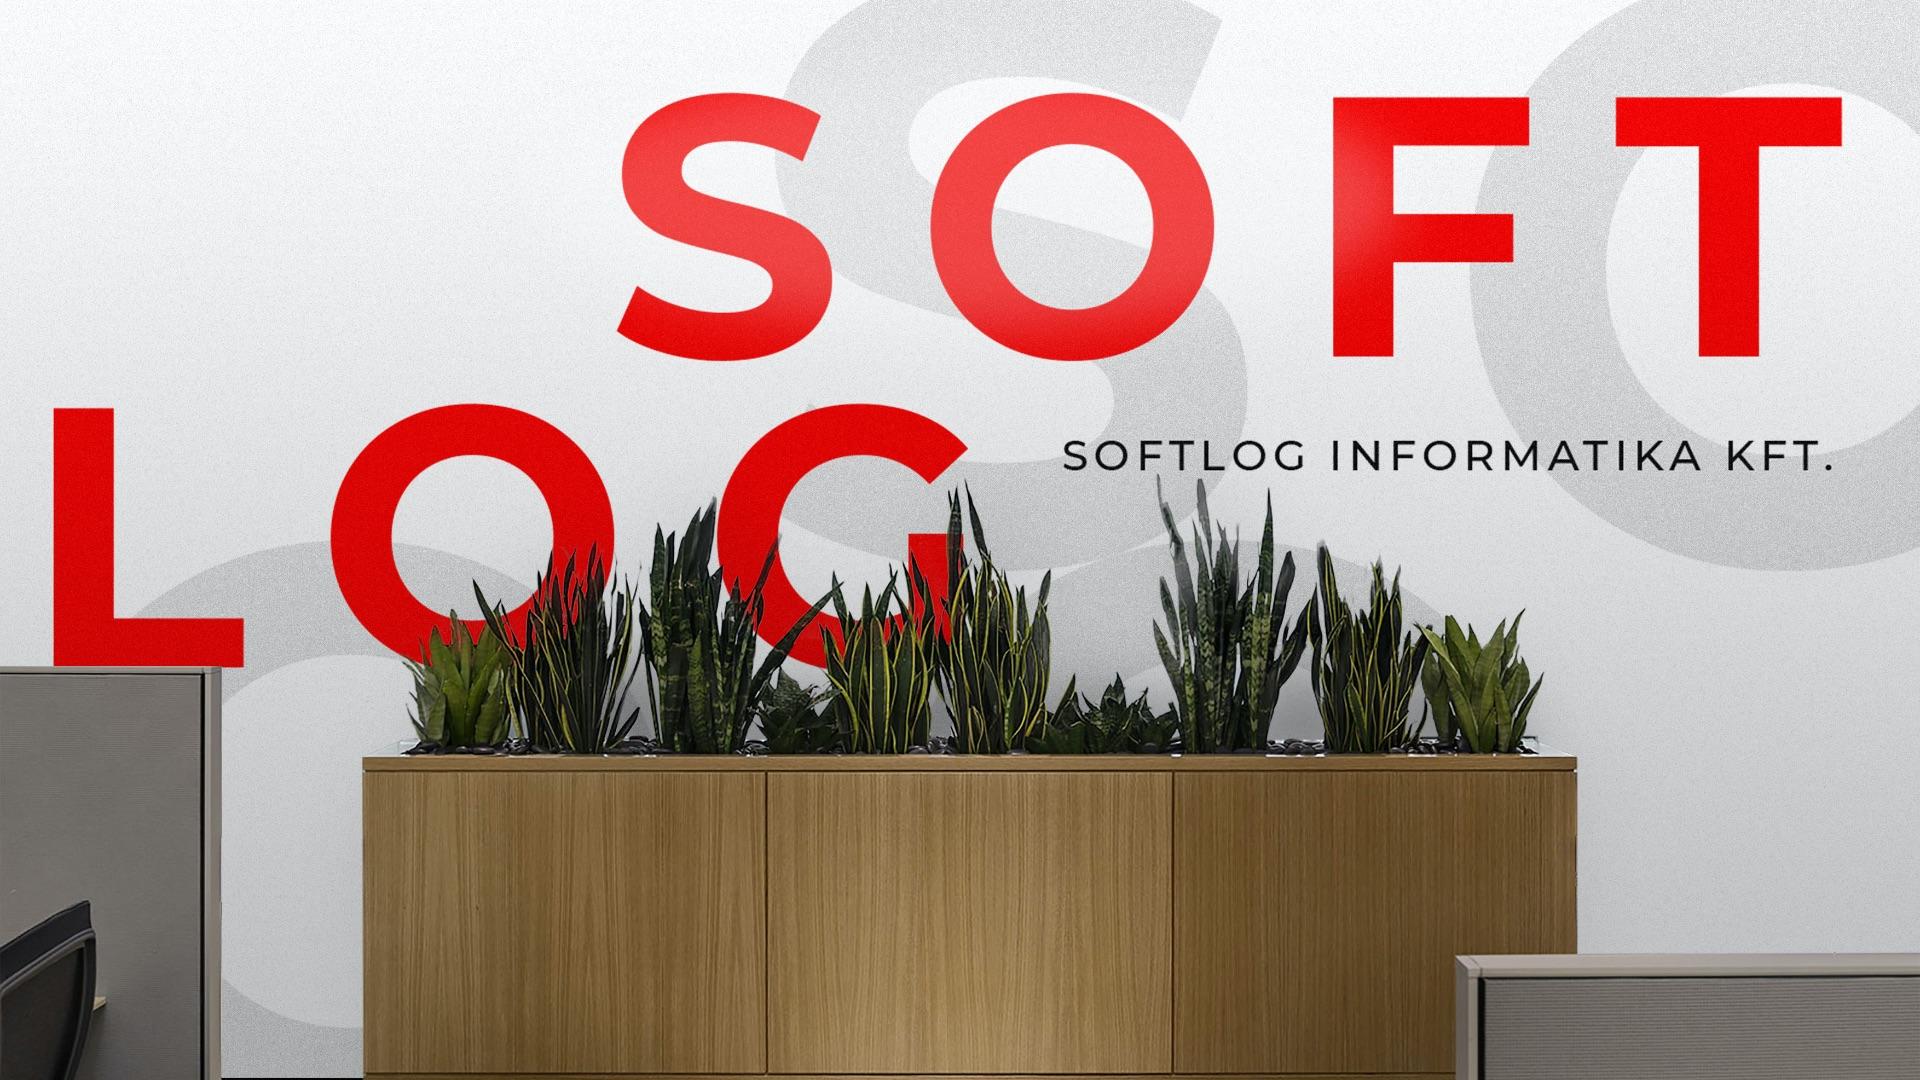 Softlog Informatika